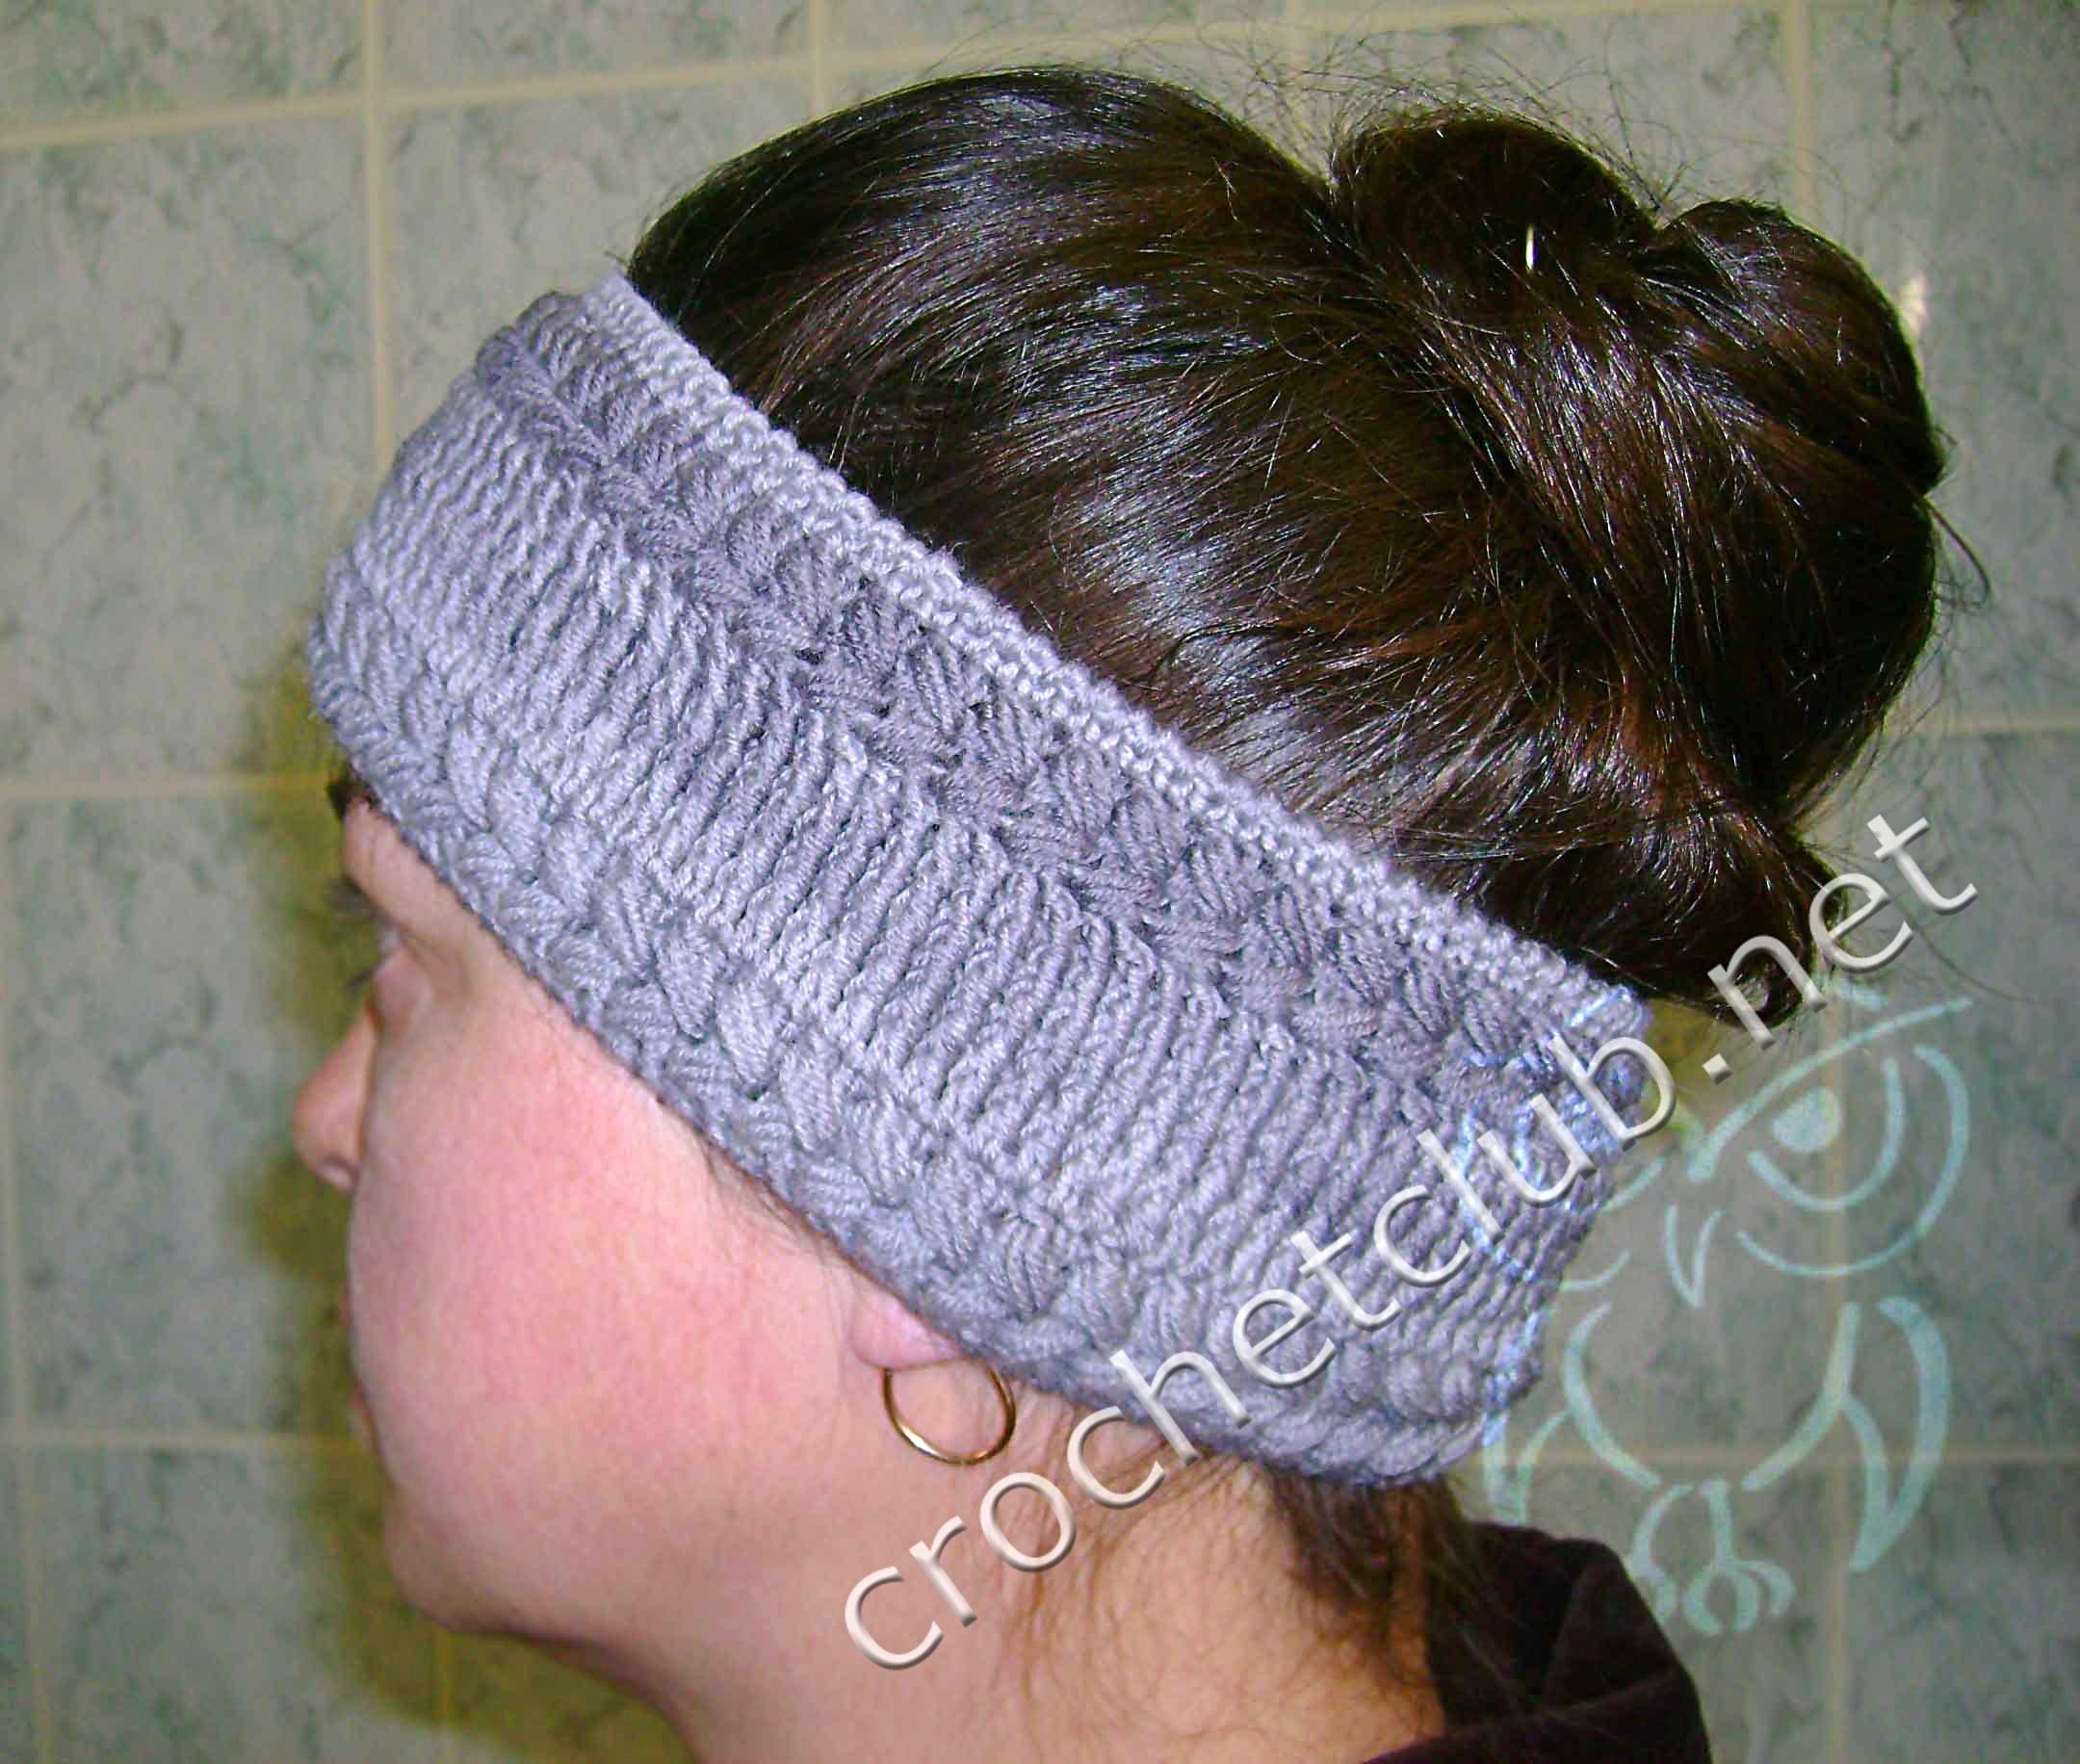 Вязание крючком повязки на голову для девочек с схемами